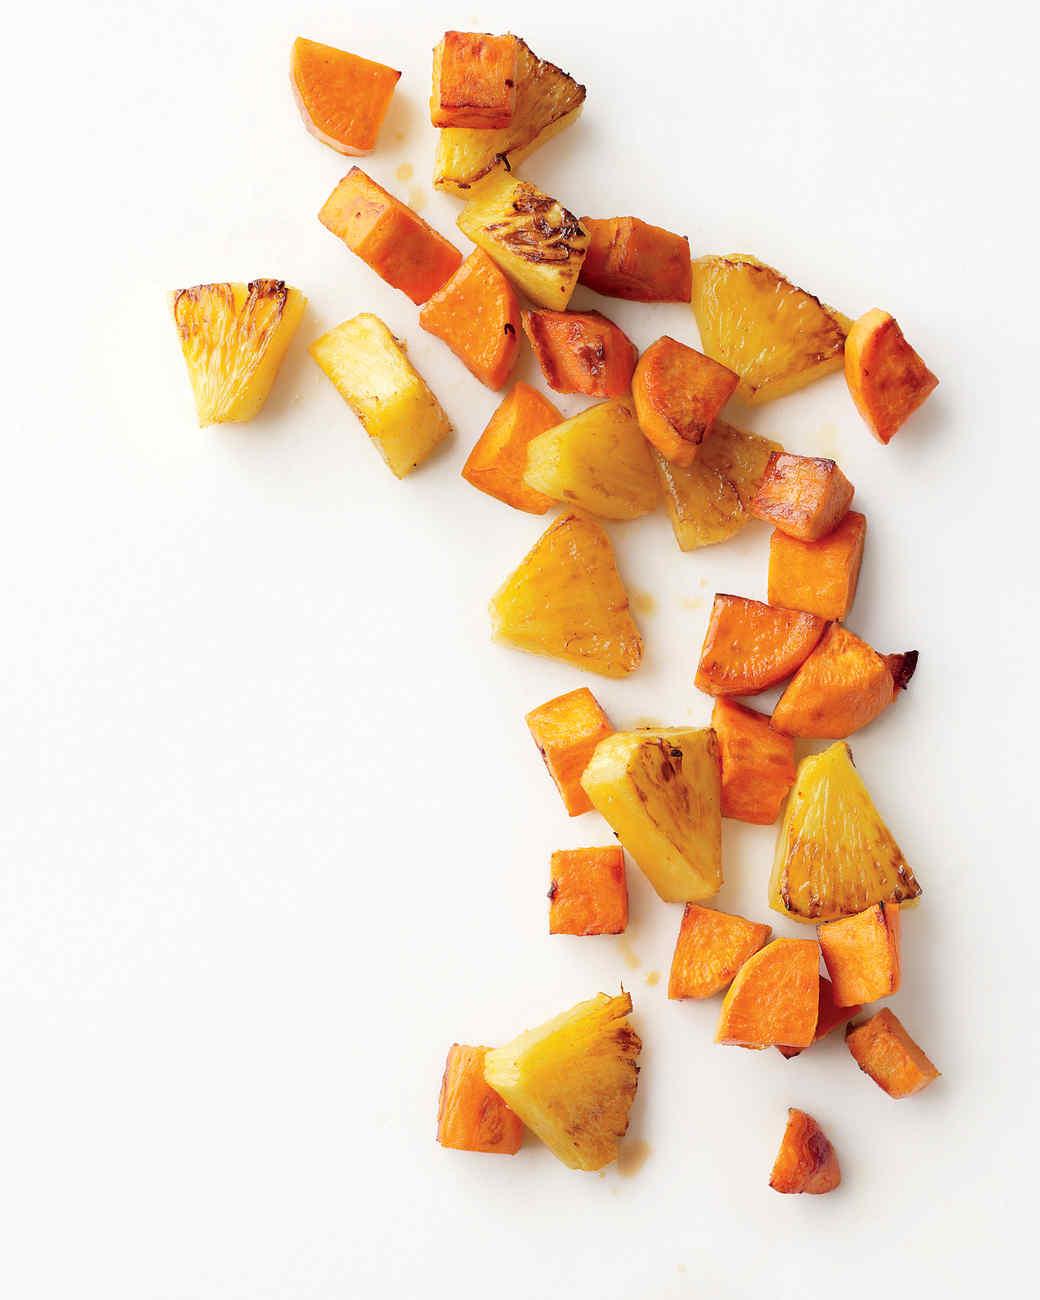 sweet-potatoes-pineapple-med107742.jpg